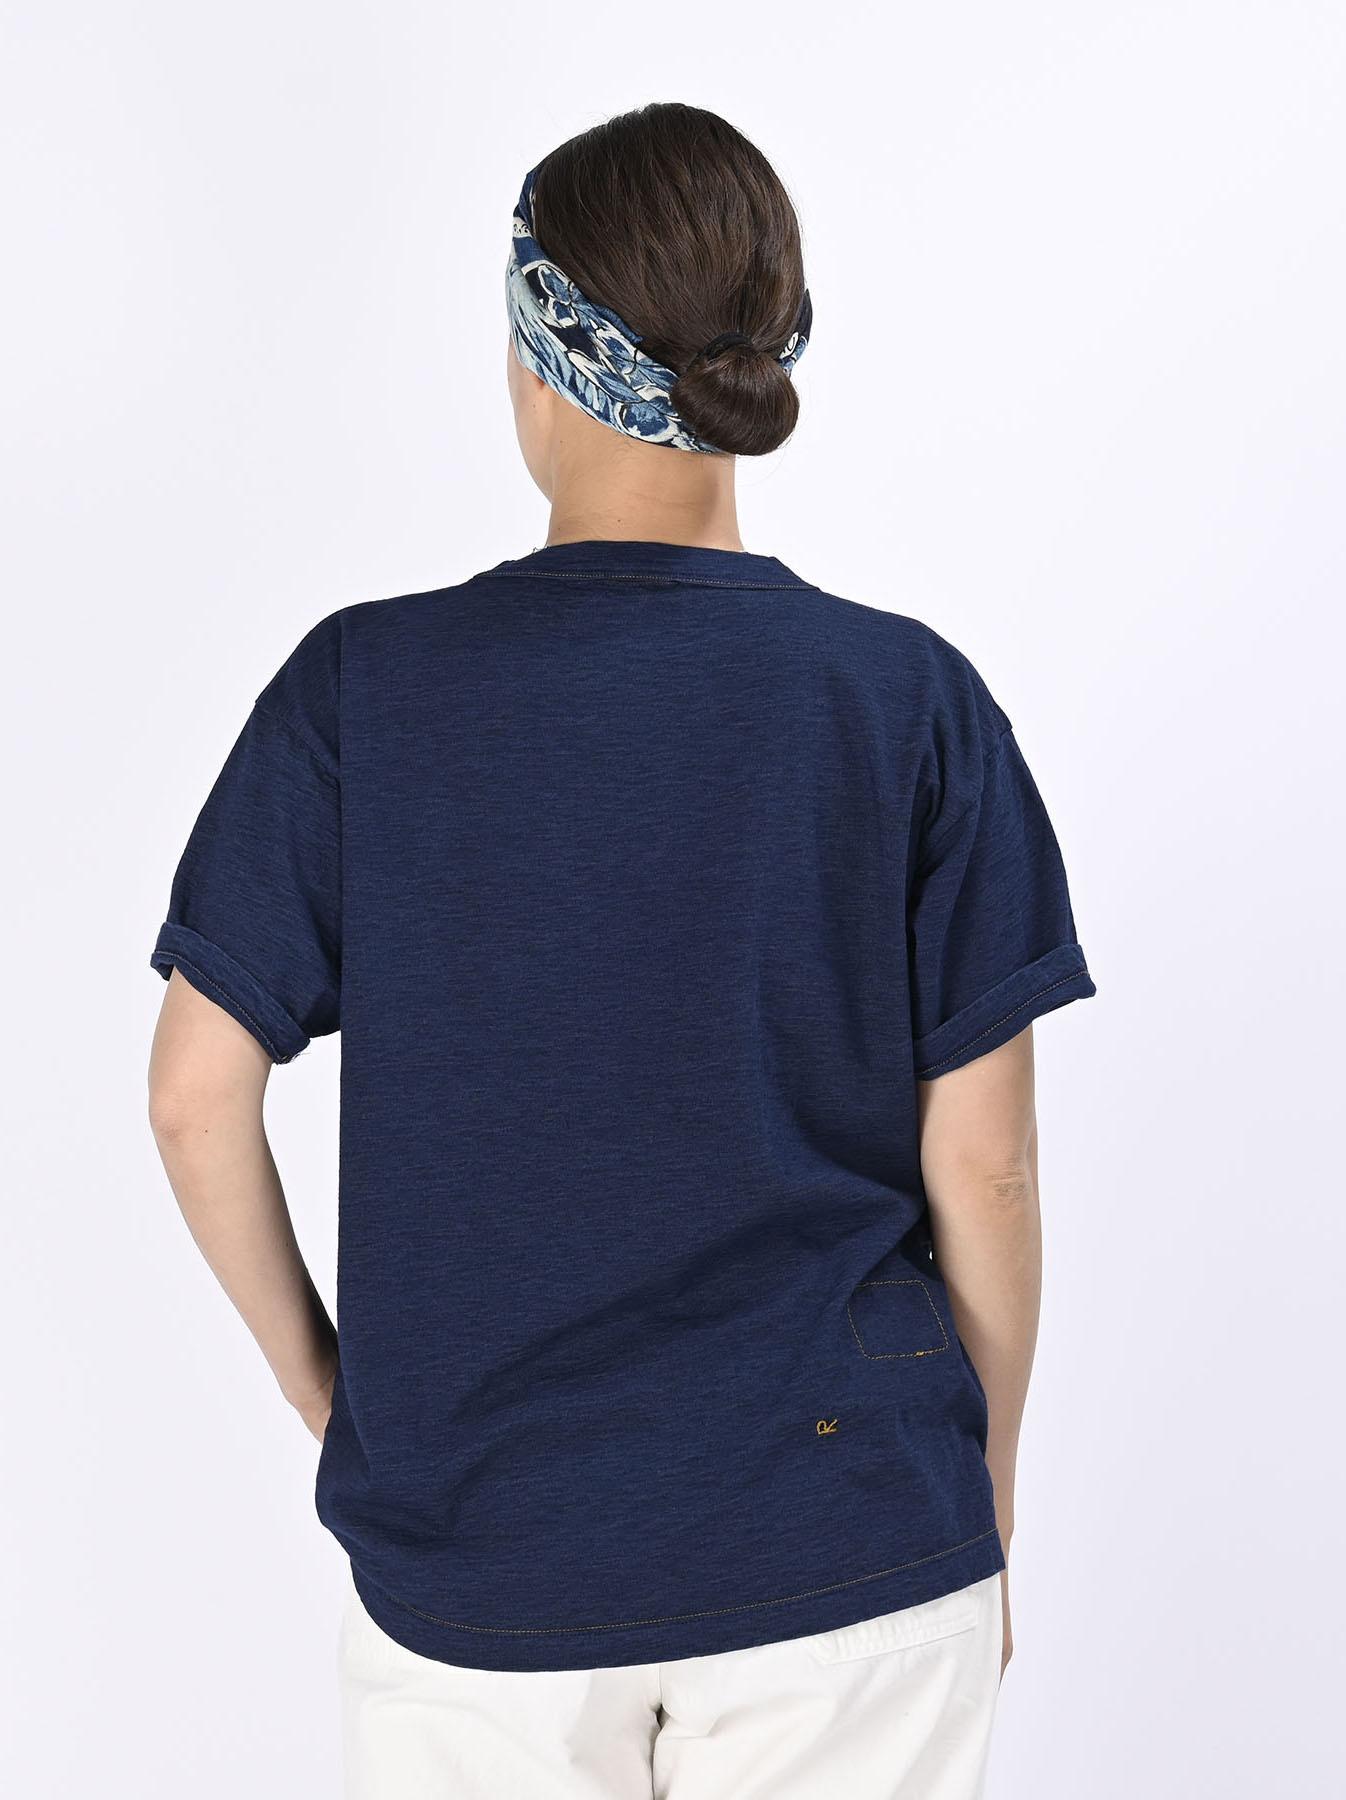 Indigo Smile R Embroidery 908 Ocean T-shirt (0621)-5